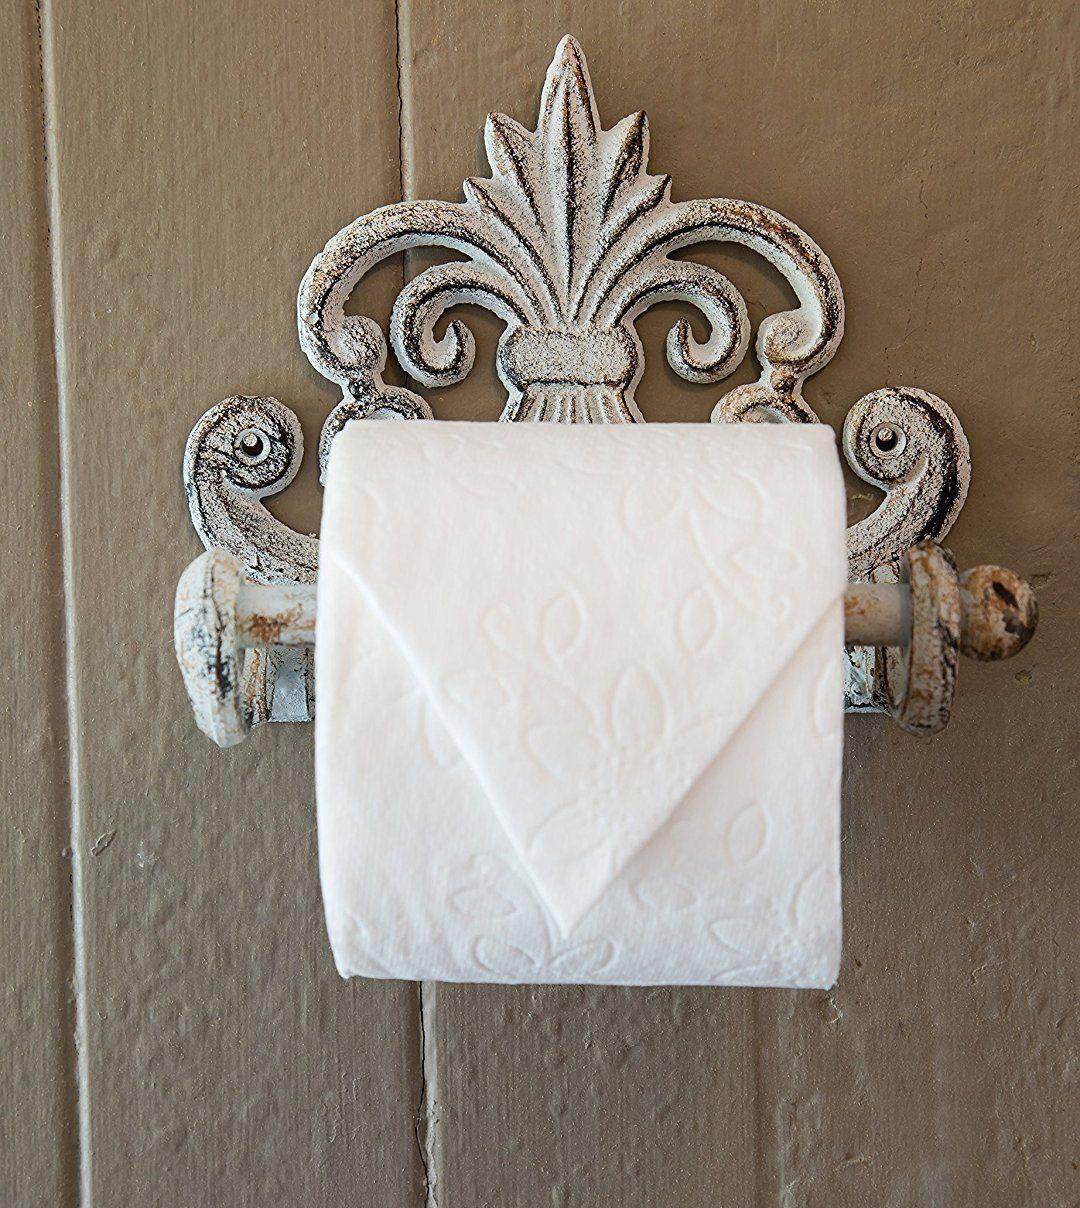 Amazoncom Fleur De Lis Cast Iron Toilet Paper Roll Holder Cast